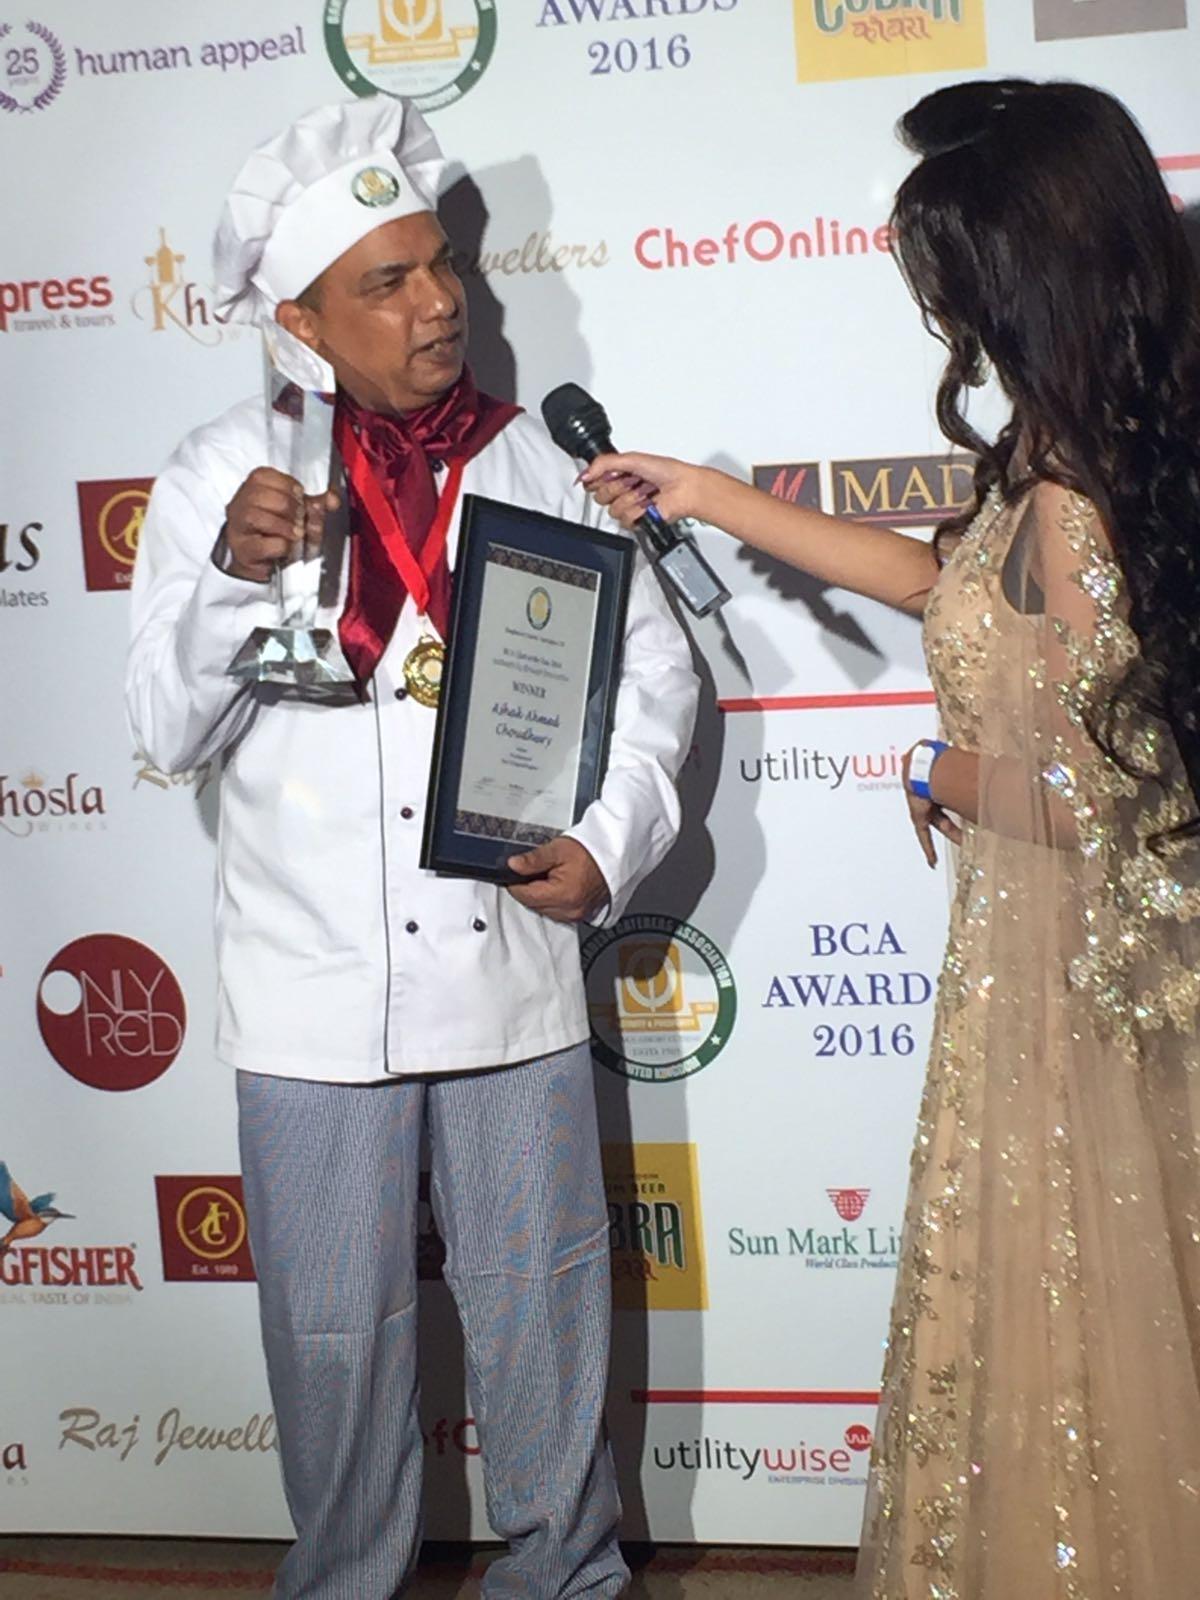 Saffron herts chef winner wd6